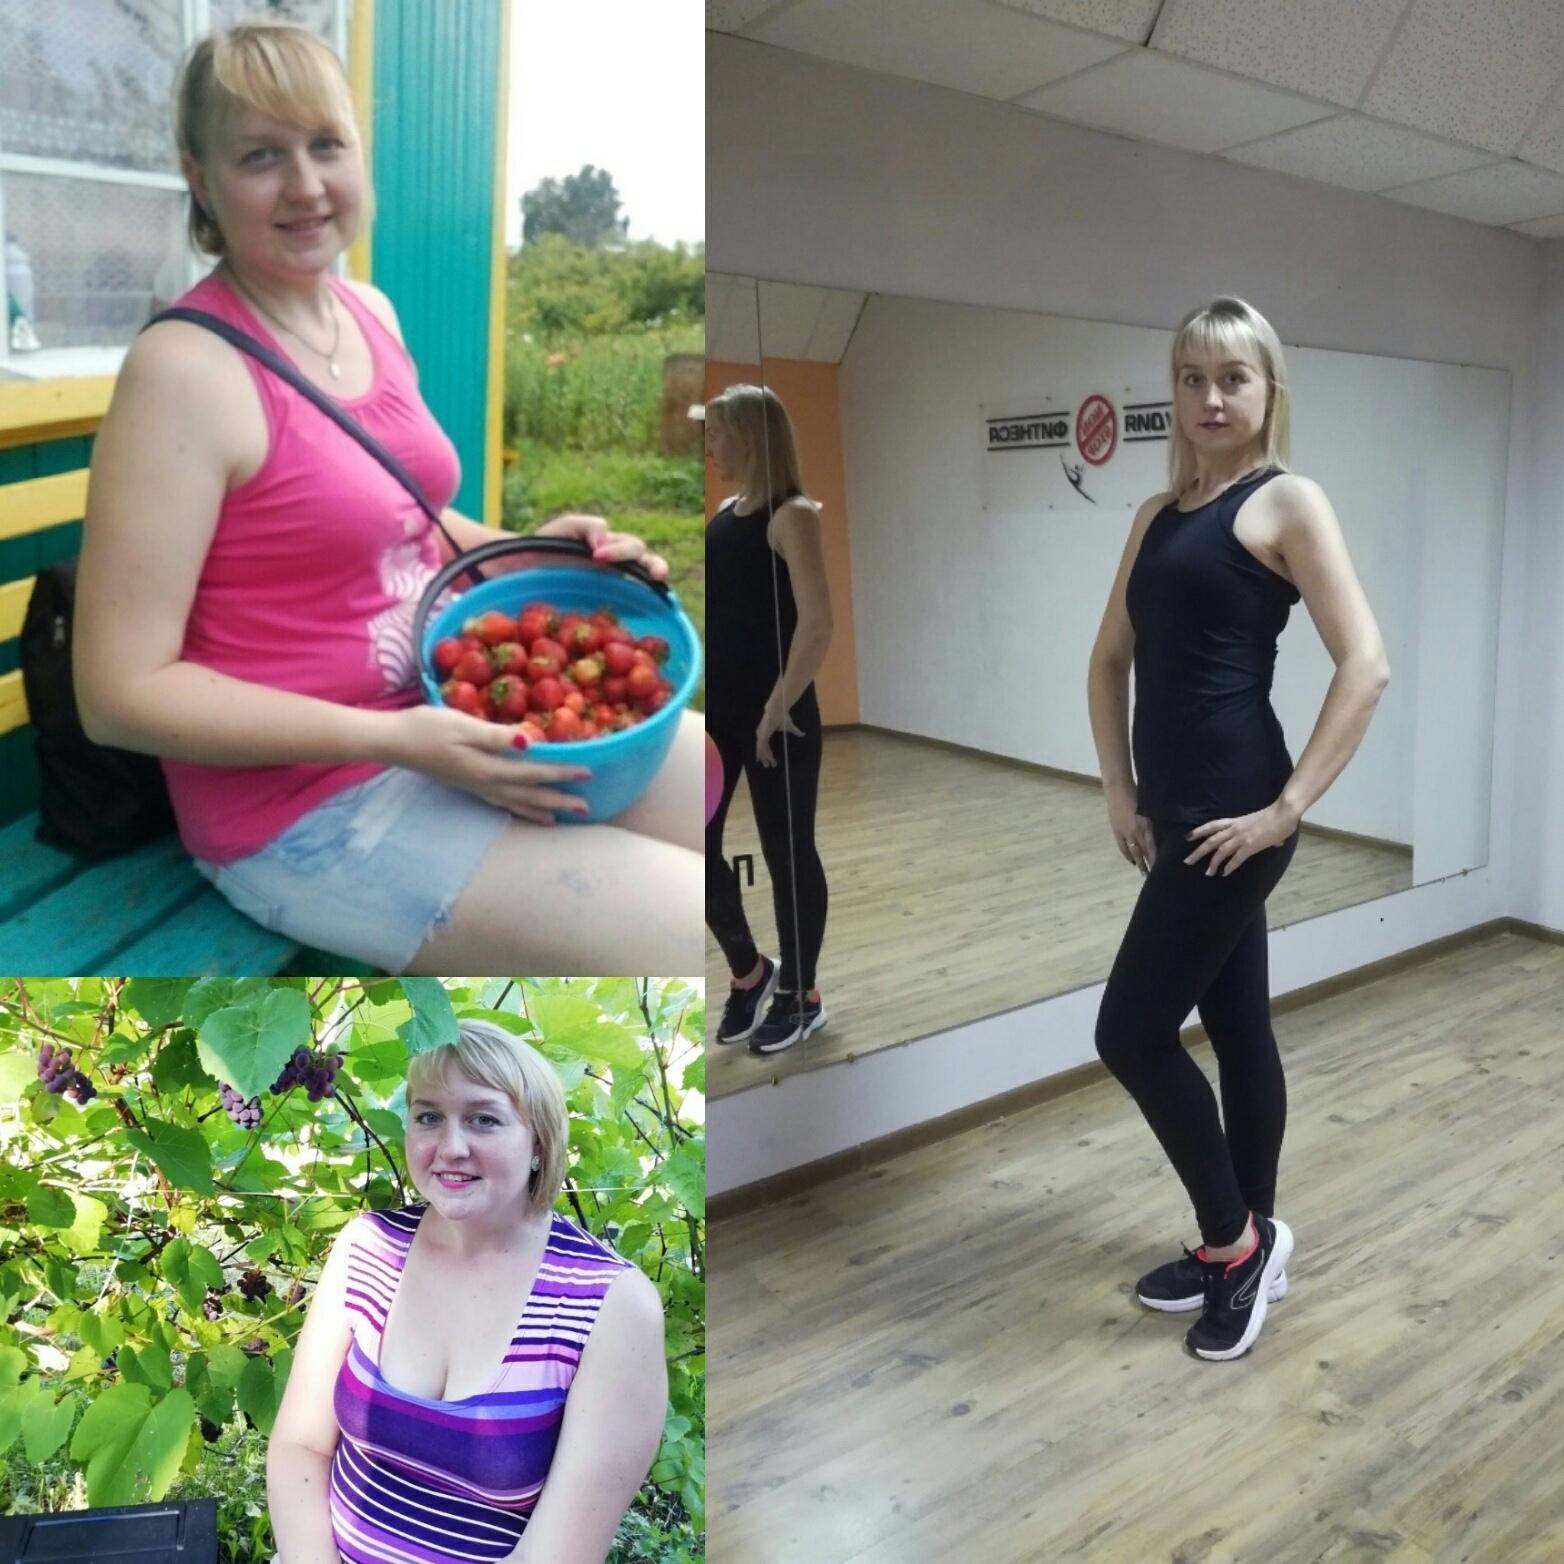 История Похудения Меню. Реальные истории похудения с фото до и после